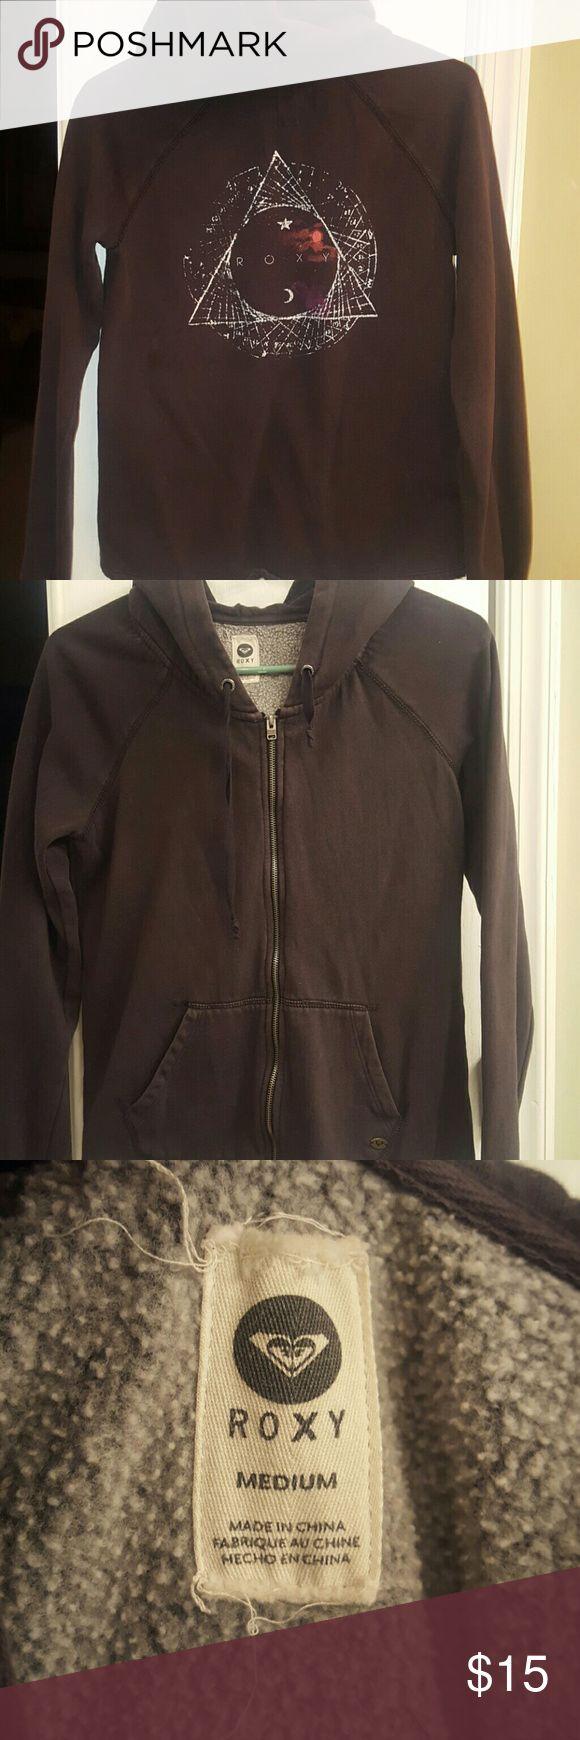 Roxy Zip up Hoodie Size medium Roxy zip up hoodie. Black Roxy Tops Sweatshirts & Hoodies